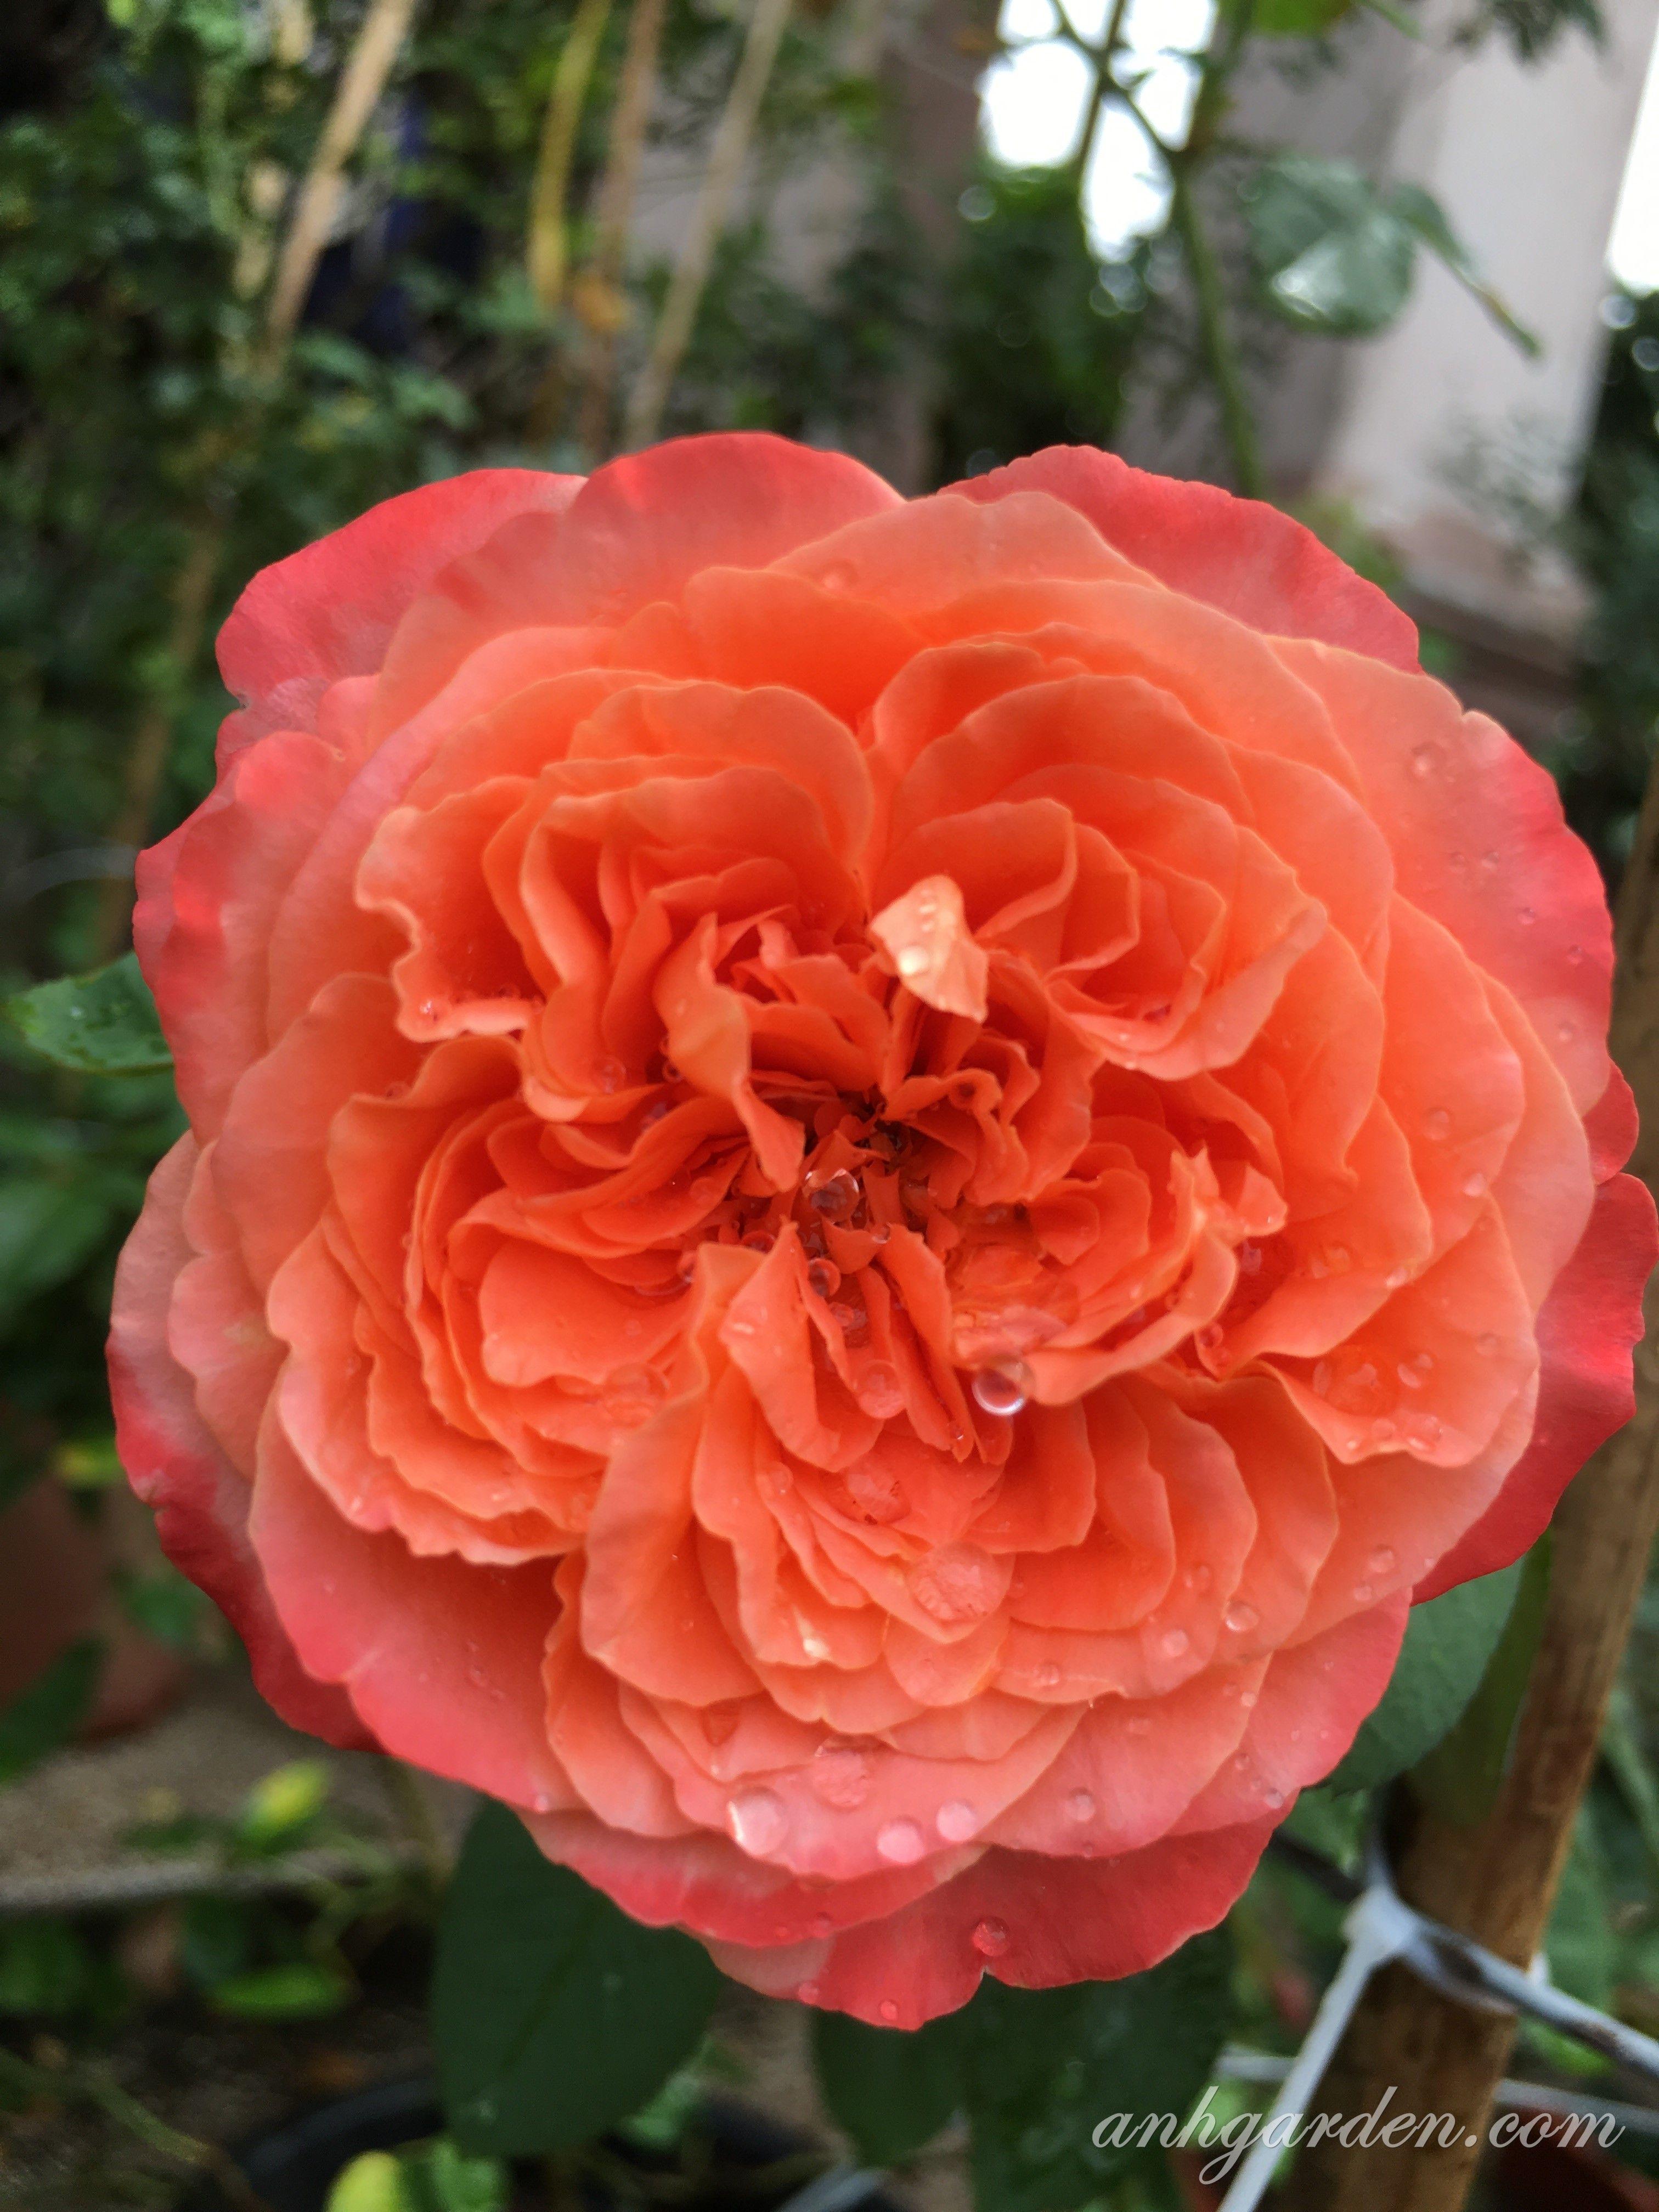 La villa cotta Hoa hồng, Hoa, Hoa hồng đẹp